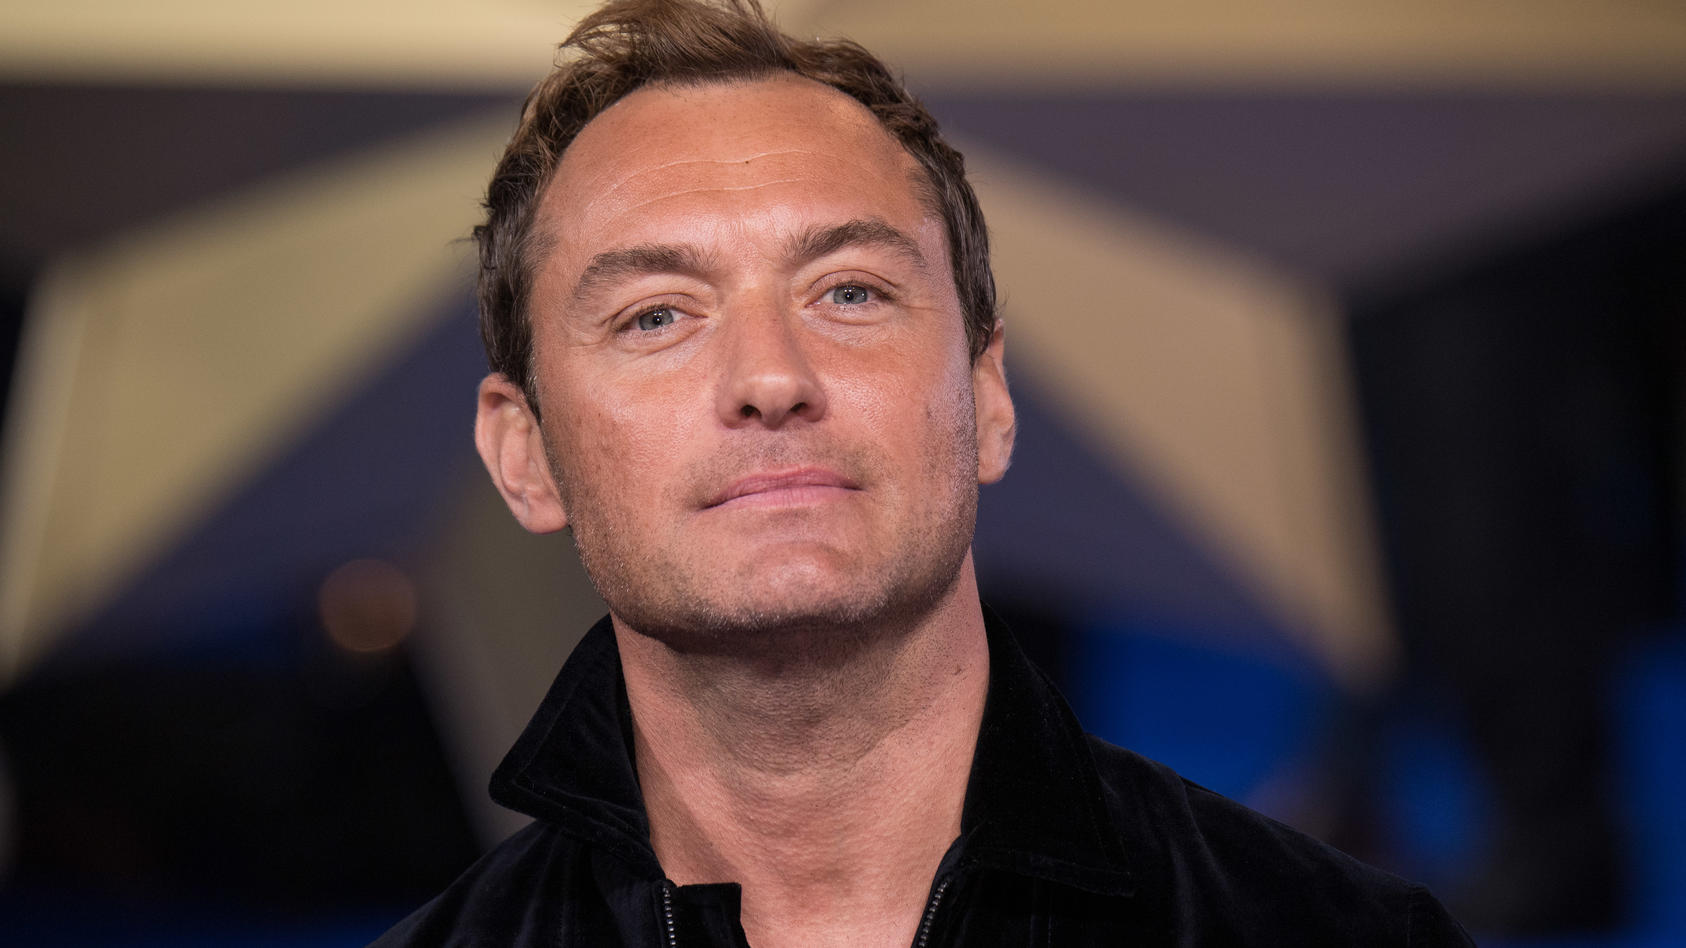 Jude Law ist ein stolzer Vater: Sein ältester Sohn Rafferty hat eine Hauptrolle ergattert.